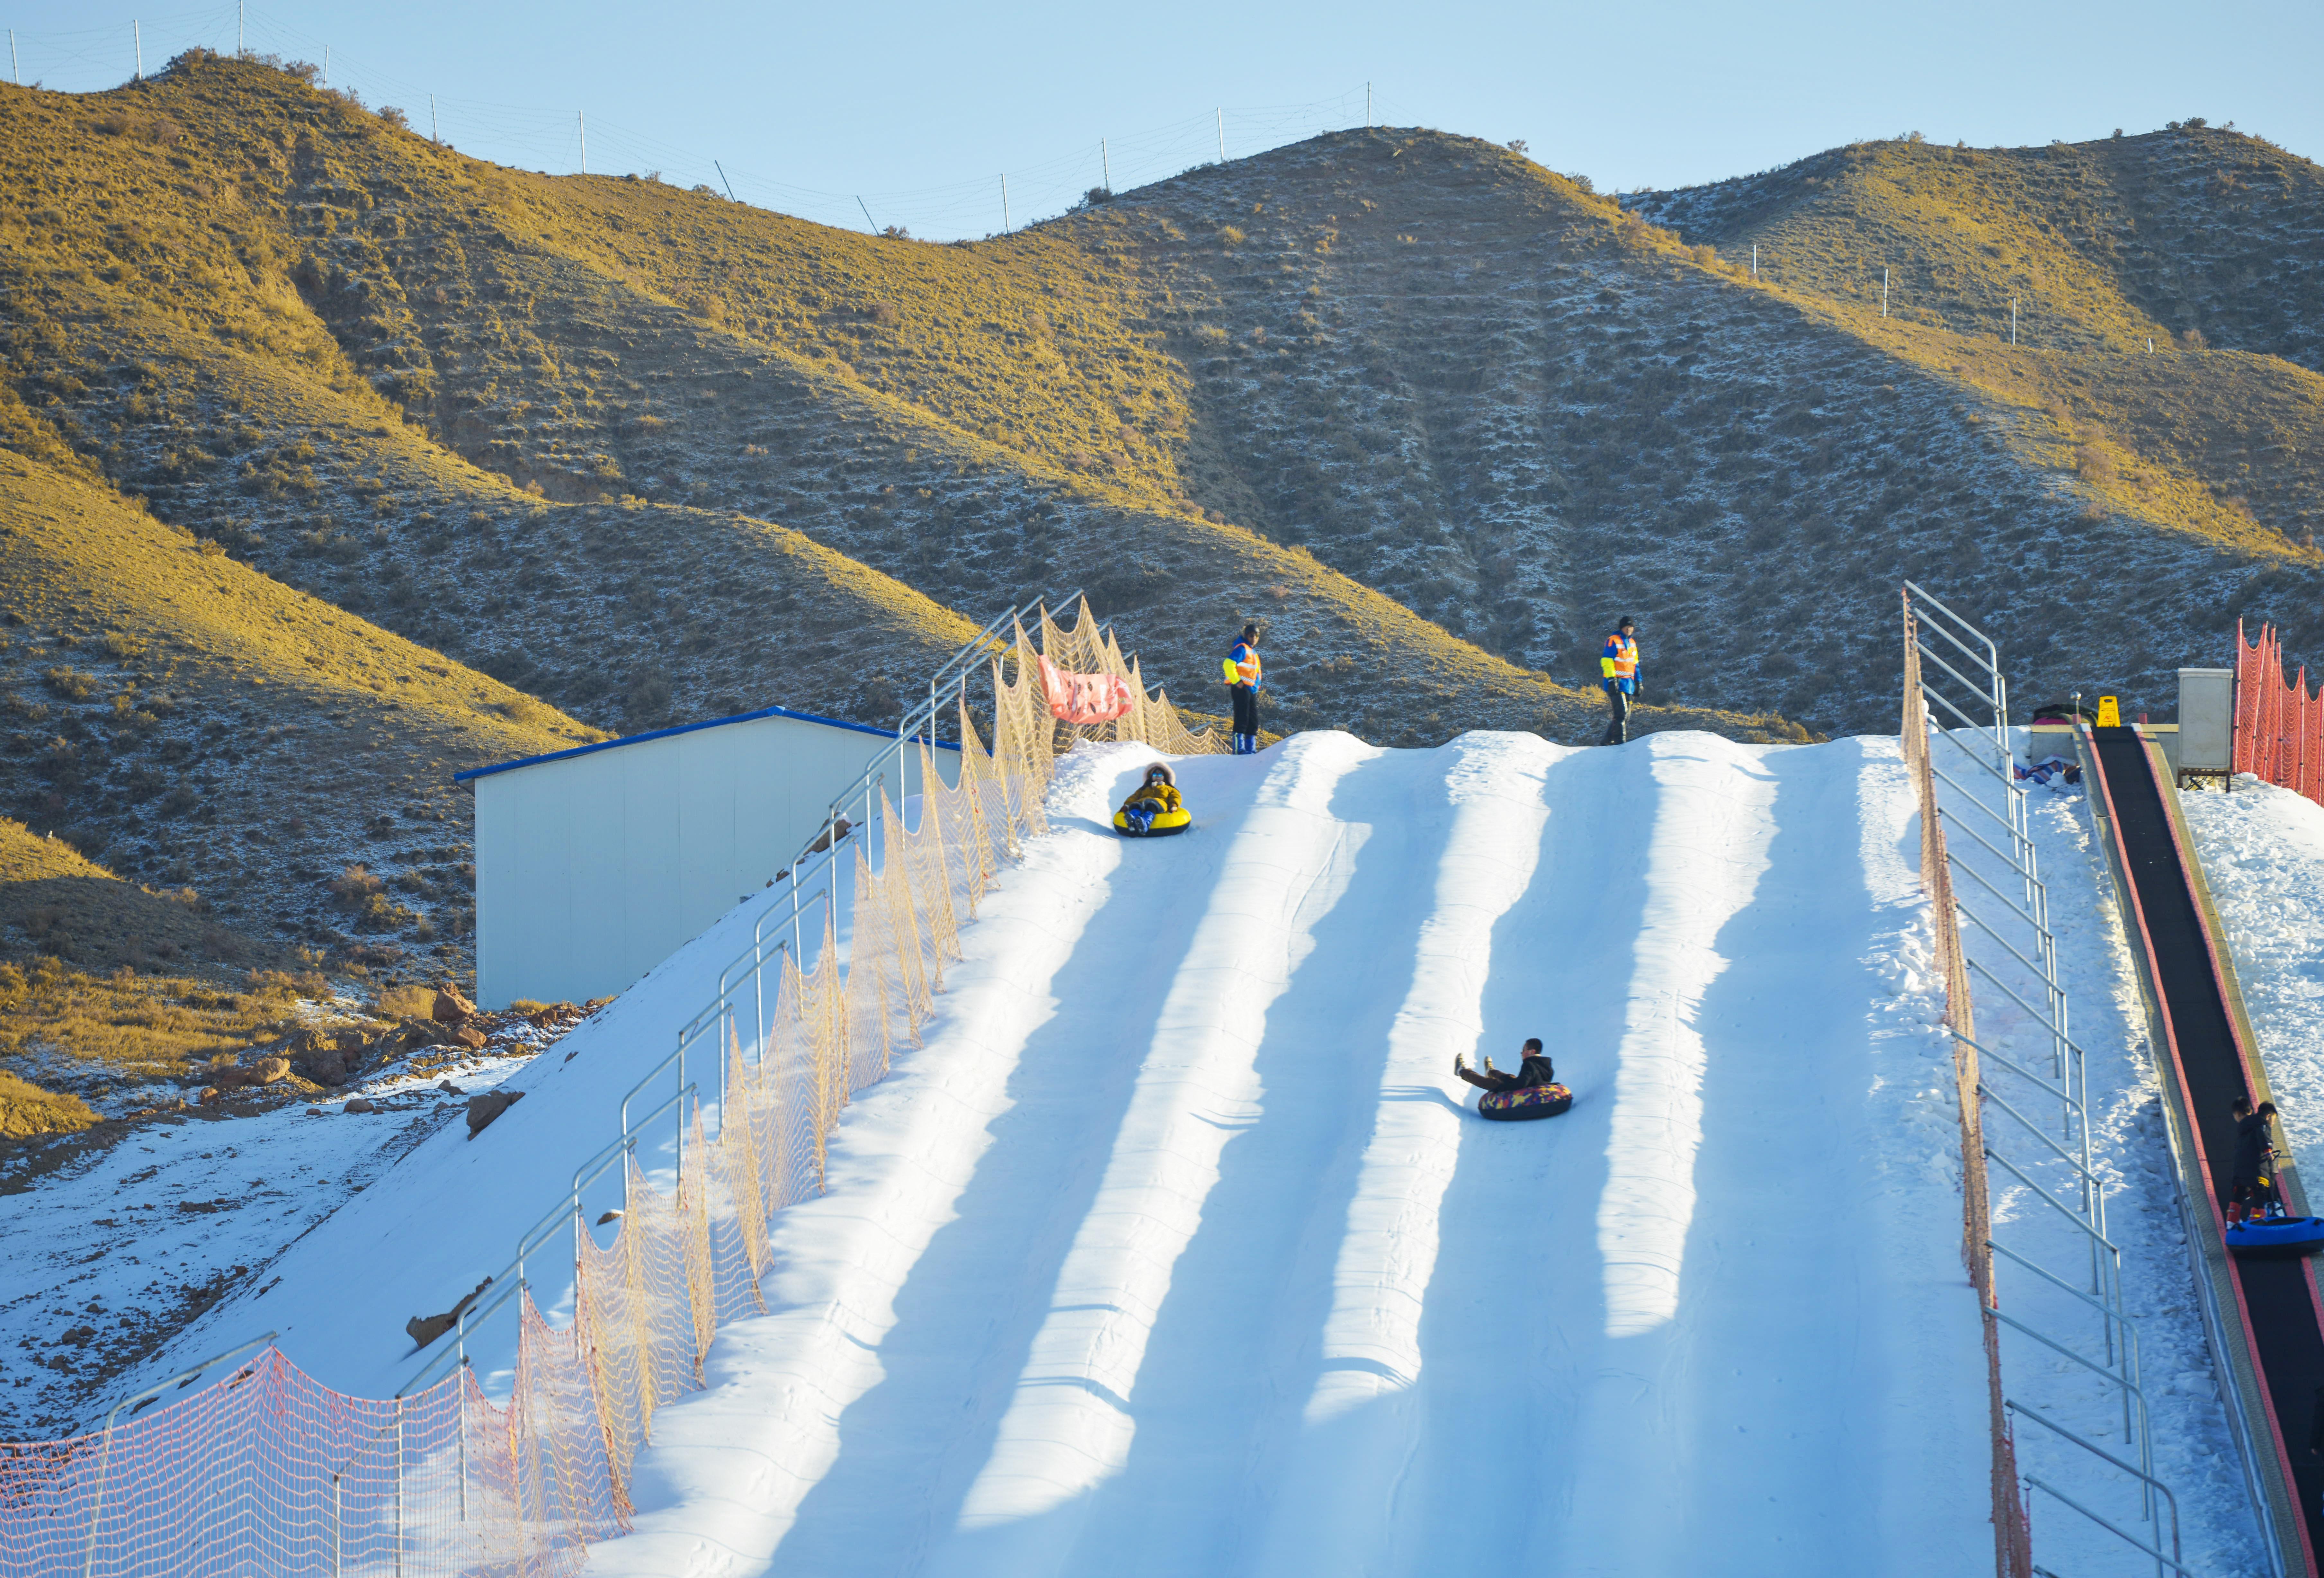 甘肃黄河:白银石林边上的滑雪场,是样的?新疆旅游攻略图片